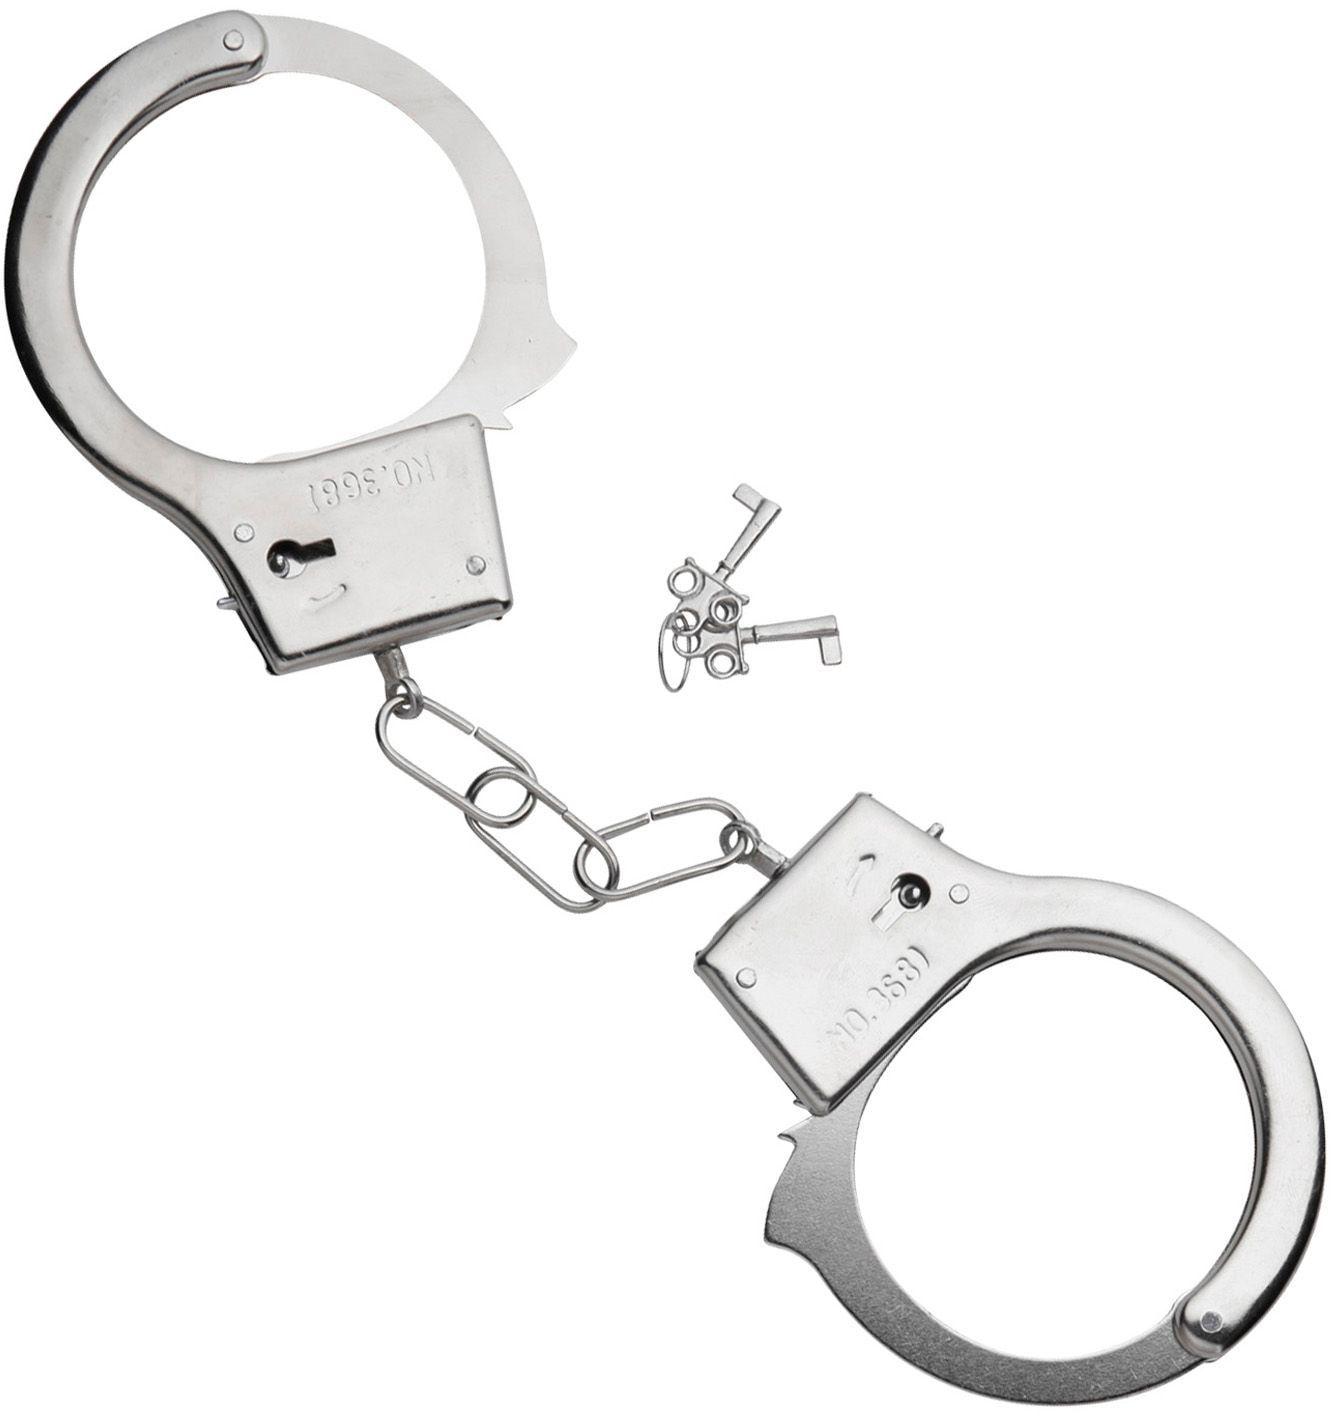 Zilveren handboeien met sleutel